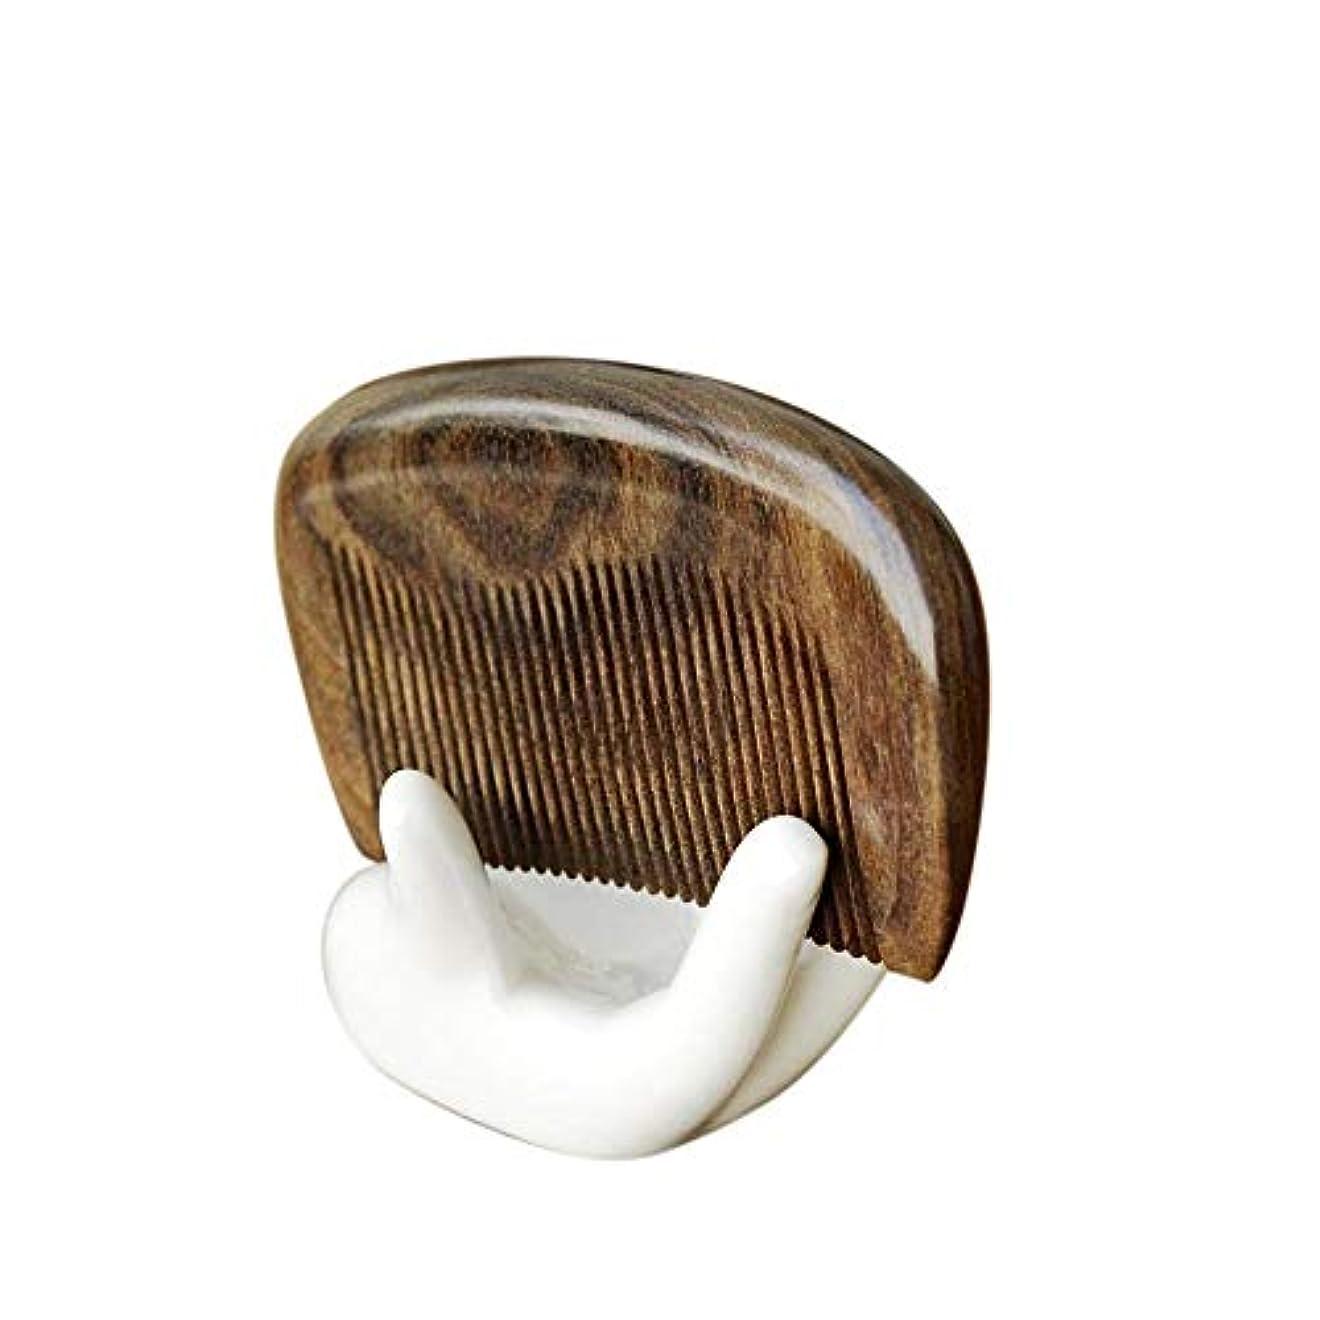 黒板散らす次へFashian木製のくし歯ファイン手作りの木製くし、女性のためのグリーンサンダルウッドアンチスタティックもつれ解除ホーンくし ヘアケア